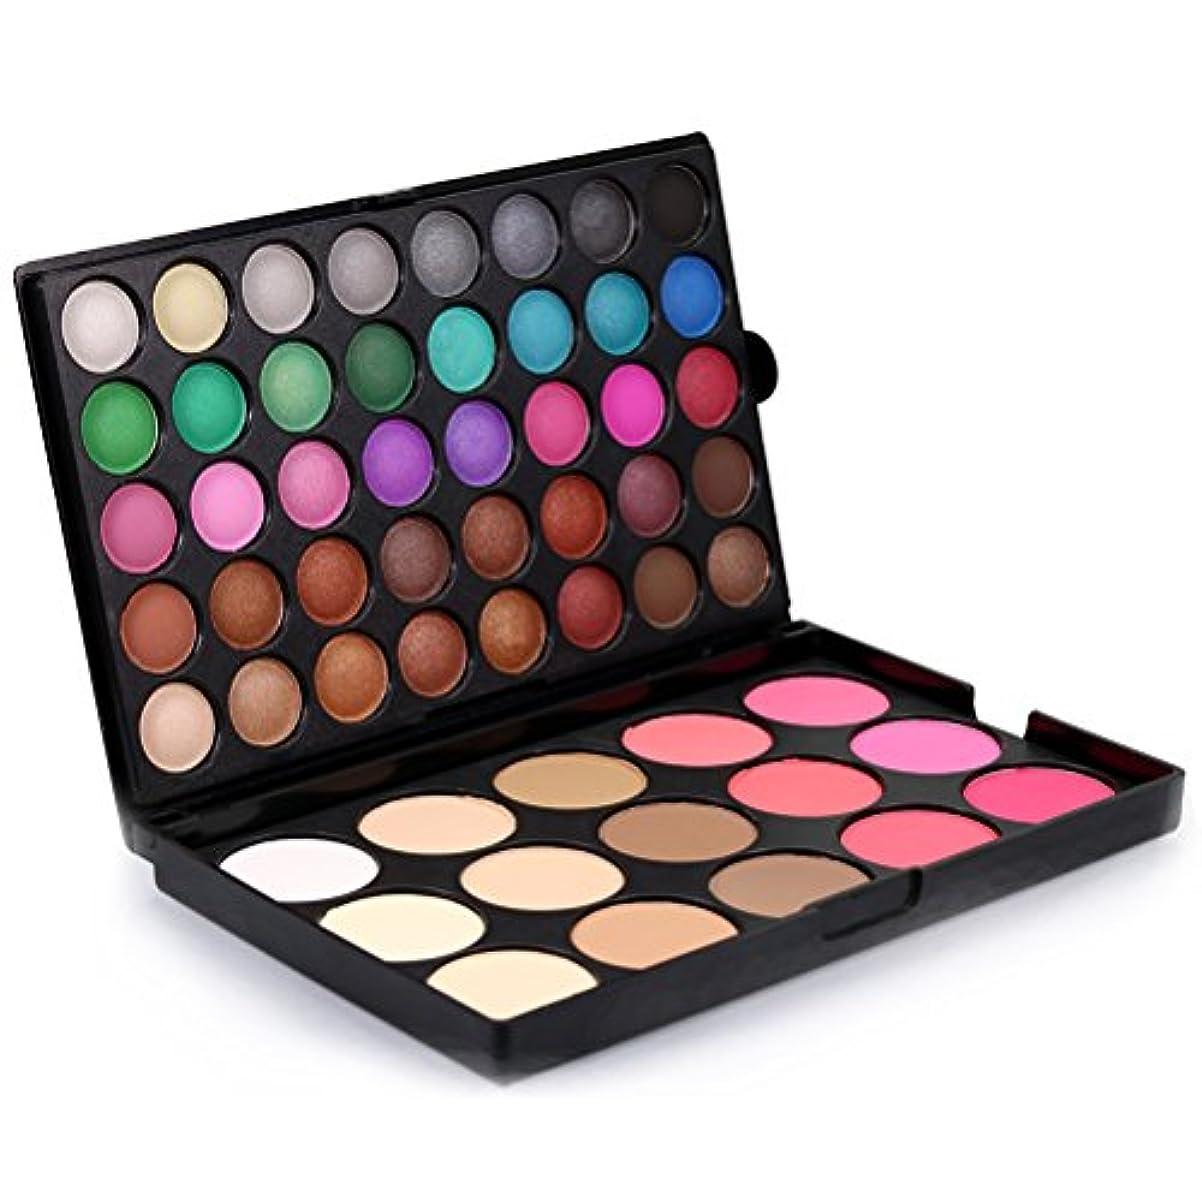 (メイクアップエーシーシー) MakeupAcc メイクパレット アイシャドウパレット 55色 チークカラー ハイライト 多機能 プロ用 人気 口紅 落ちない